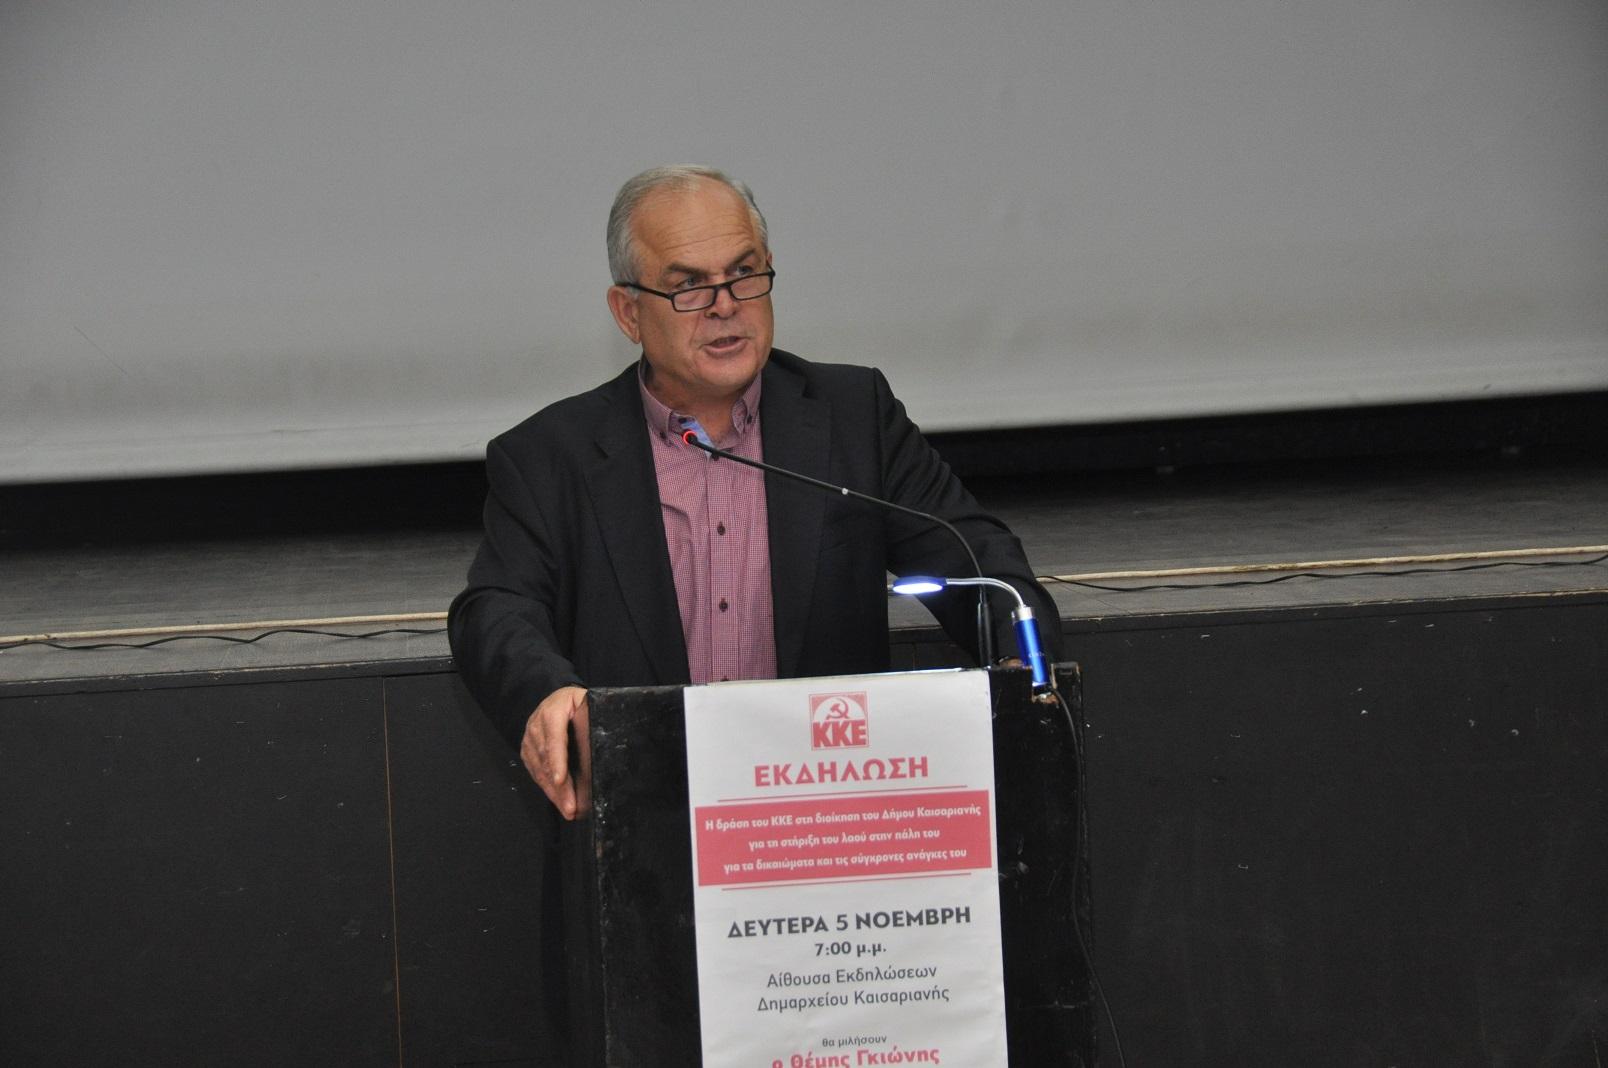 Ο Δήμαρχος Καισαριανής Ηλίας Σταμέλος ξανά επικεφαλής της «Λαϊκής Συσπείρωσης» Καισαριανής στις δημοτικές εκλογές